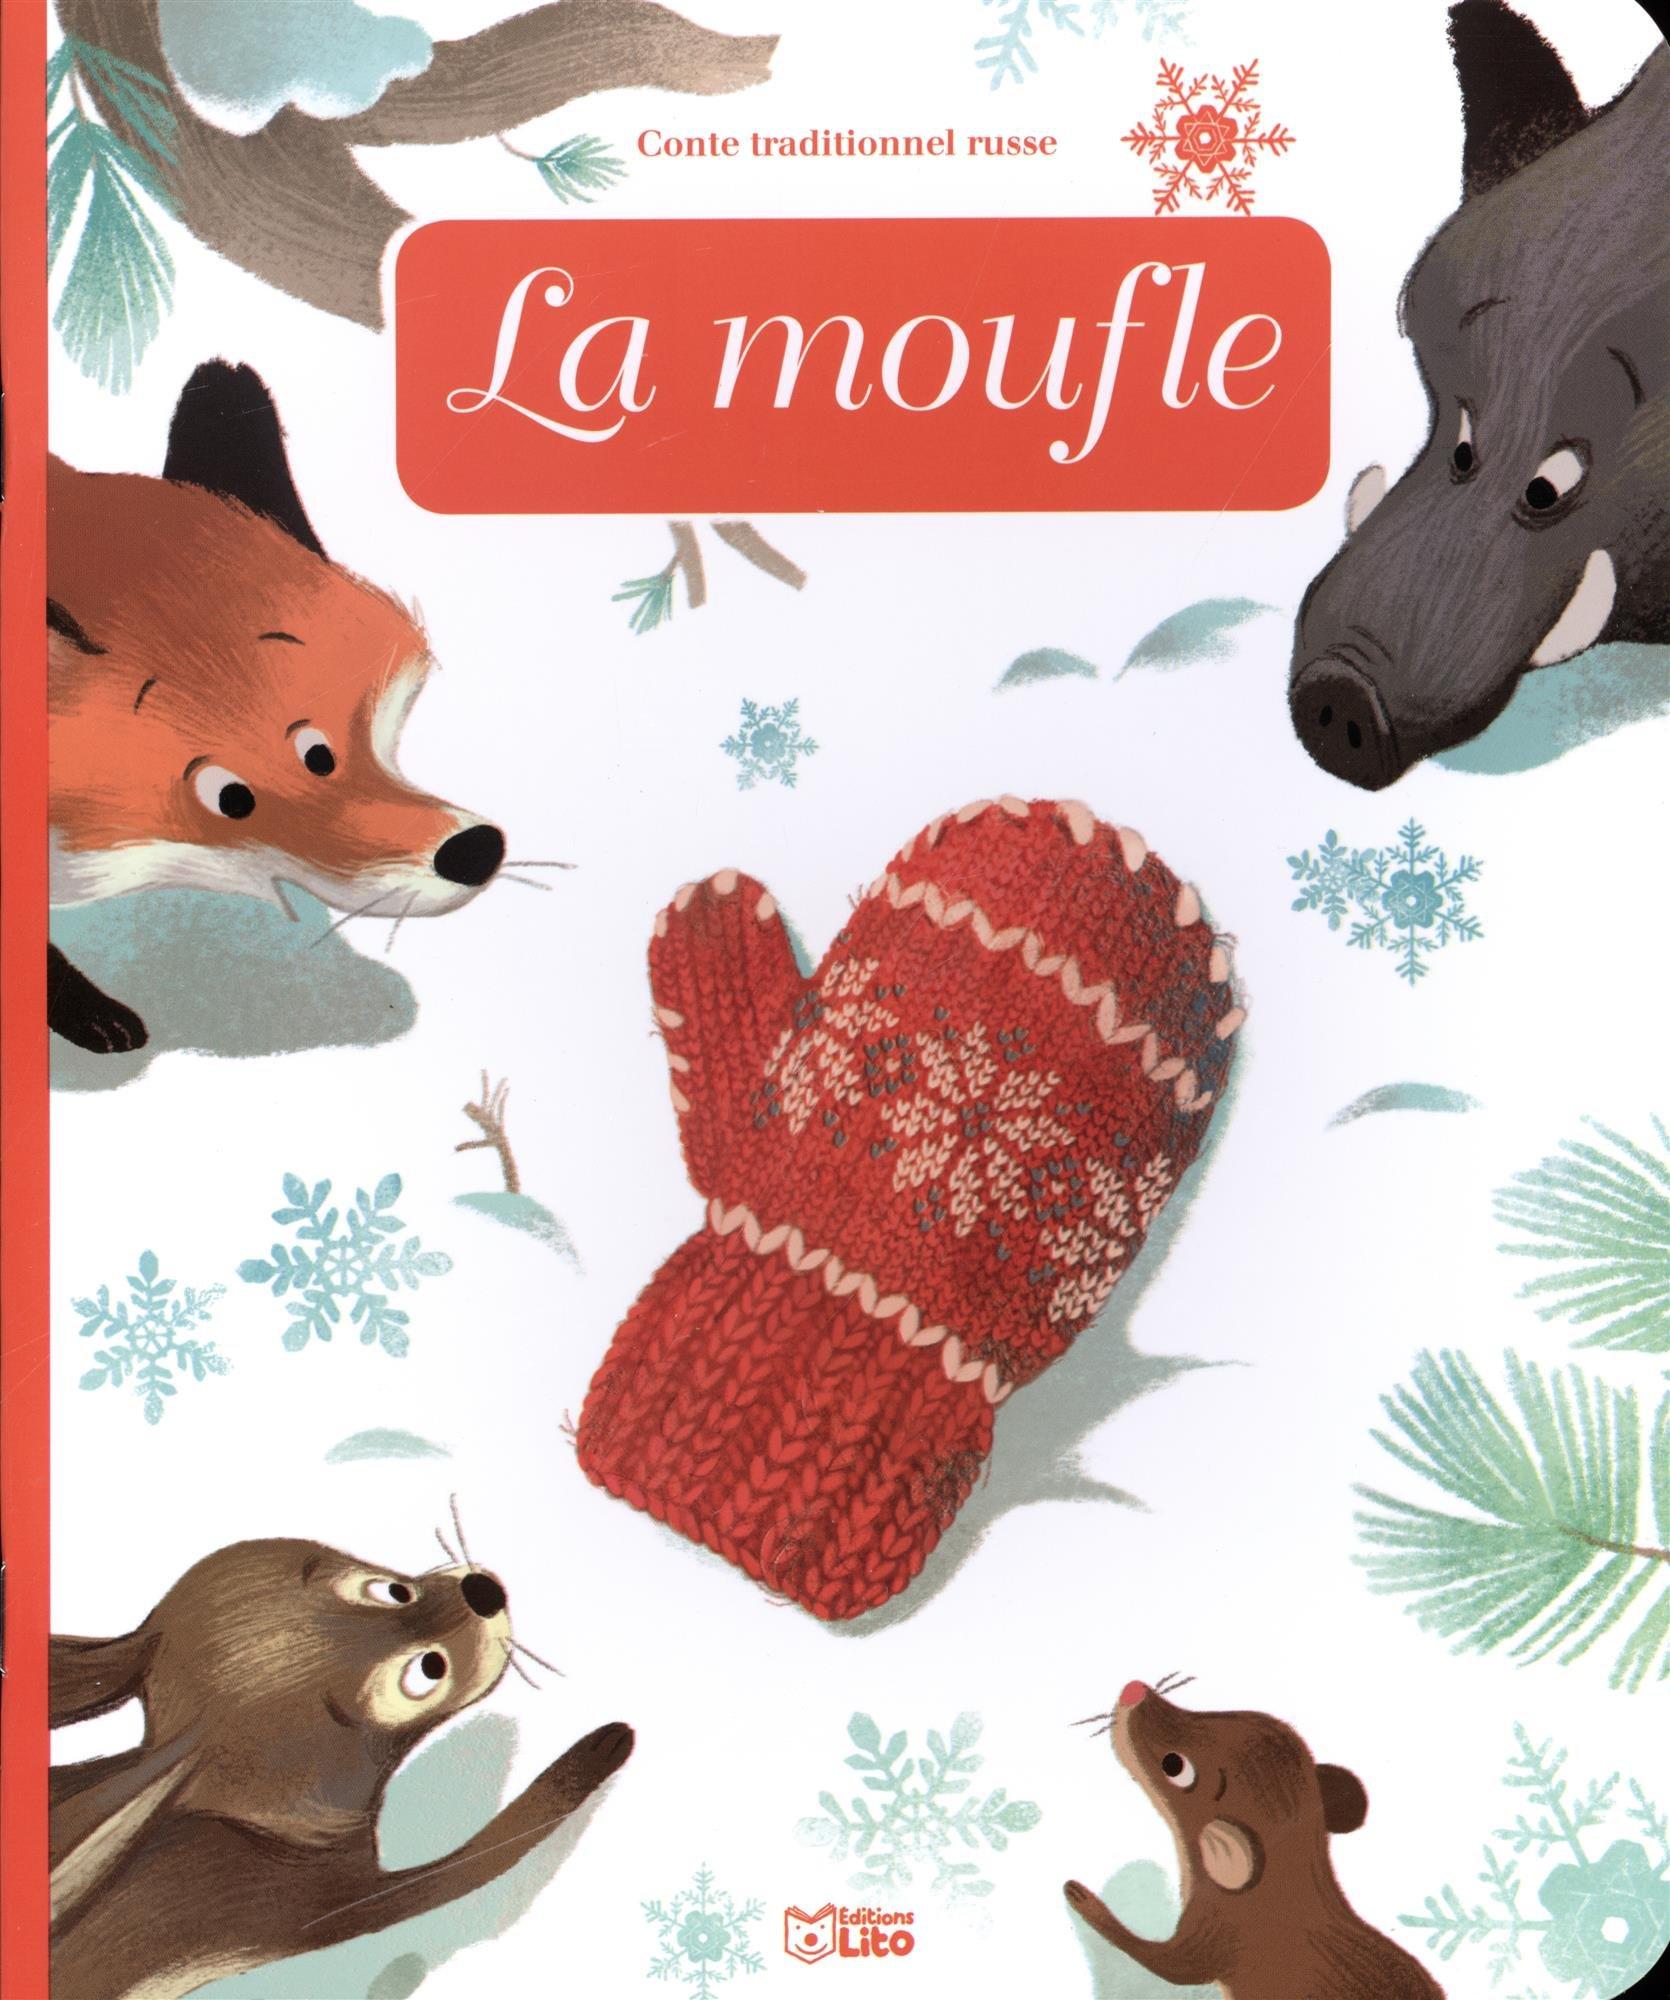 Livraison gratuite dans le monde entier modélisation durable mode de luxe Amazon.fr - Minicontes classiques: La moufle - Dès 3 ans ...